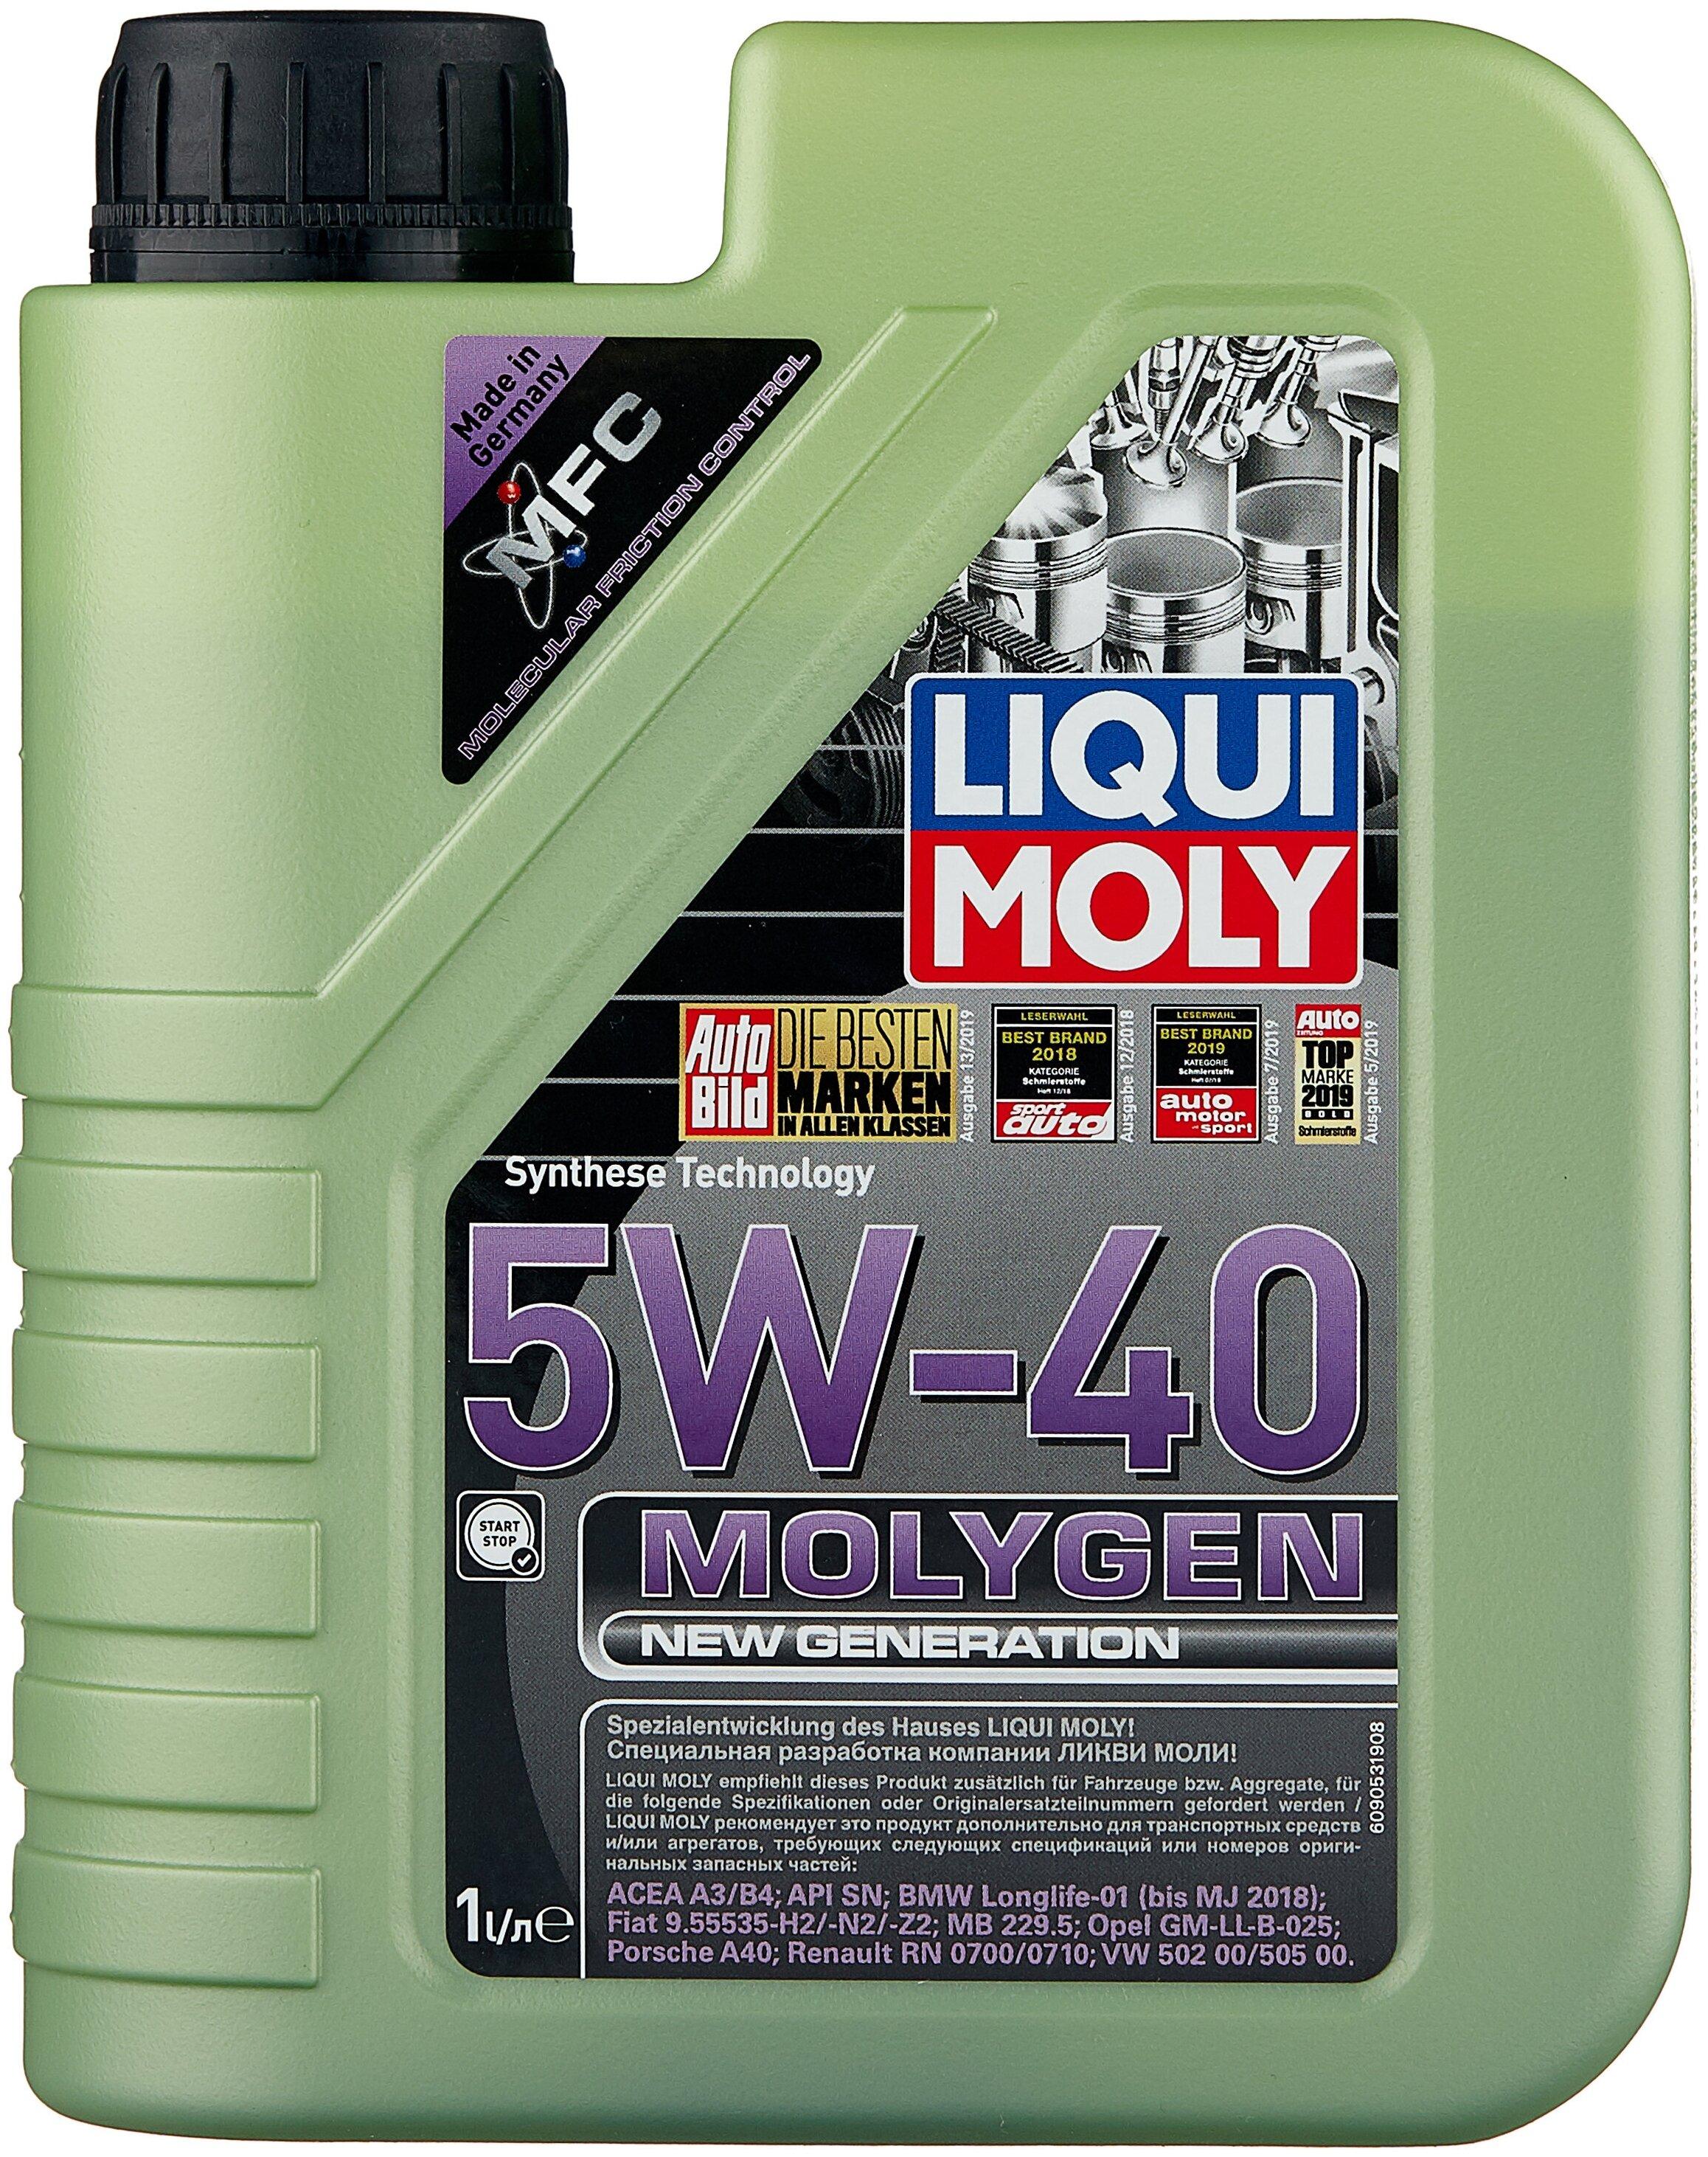 Liqui Moly Molygen New Generation 5W-40